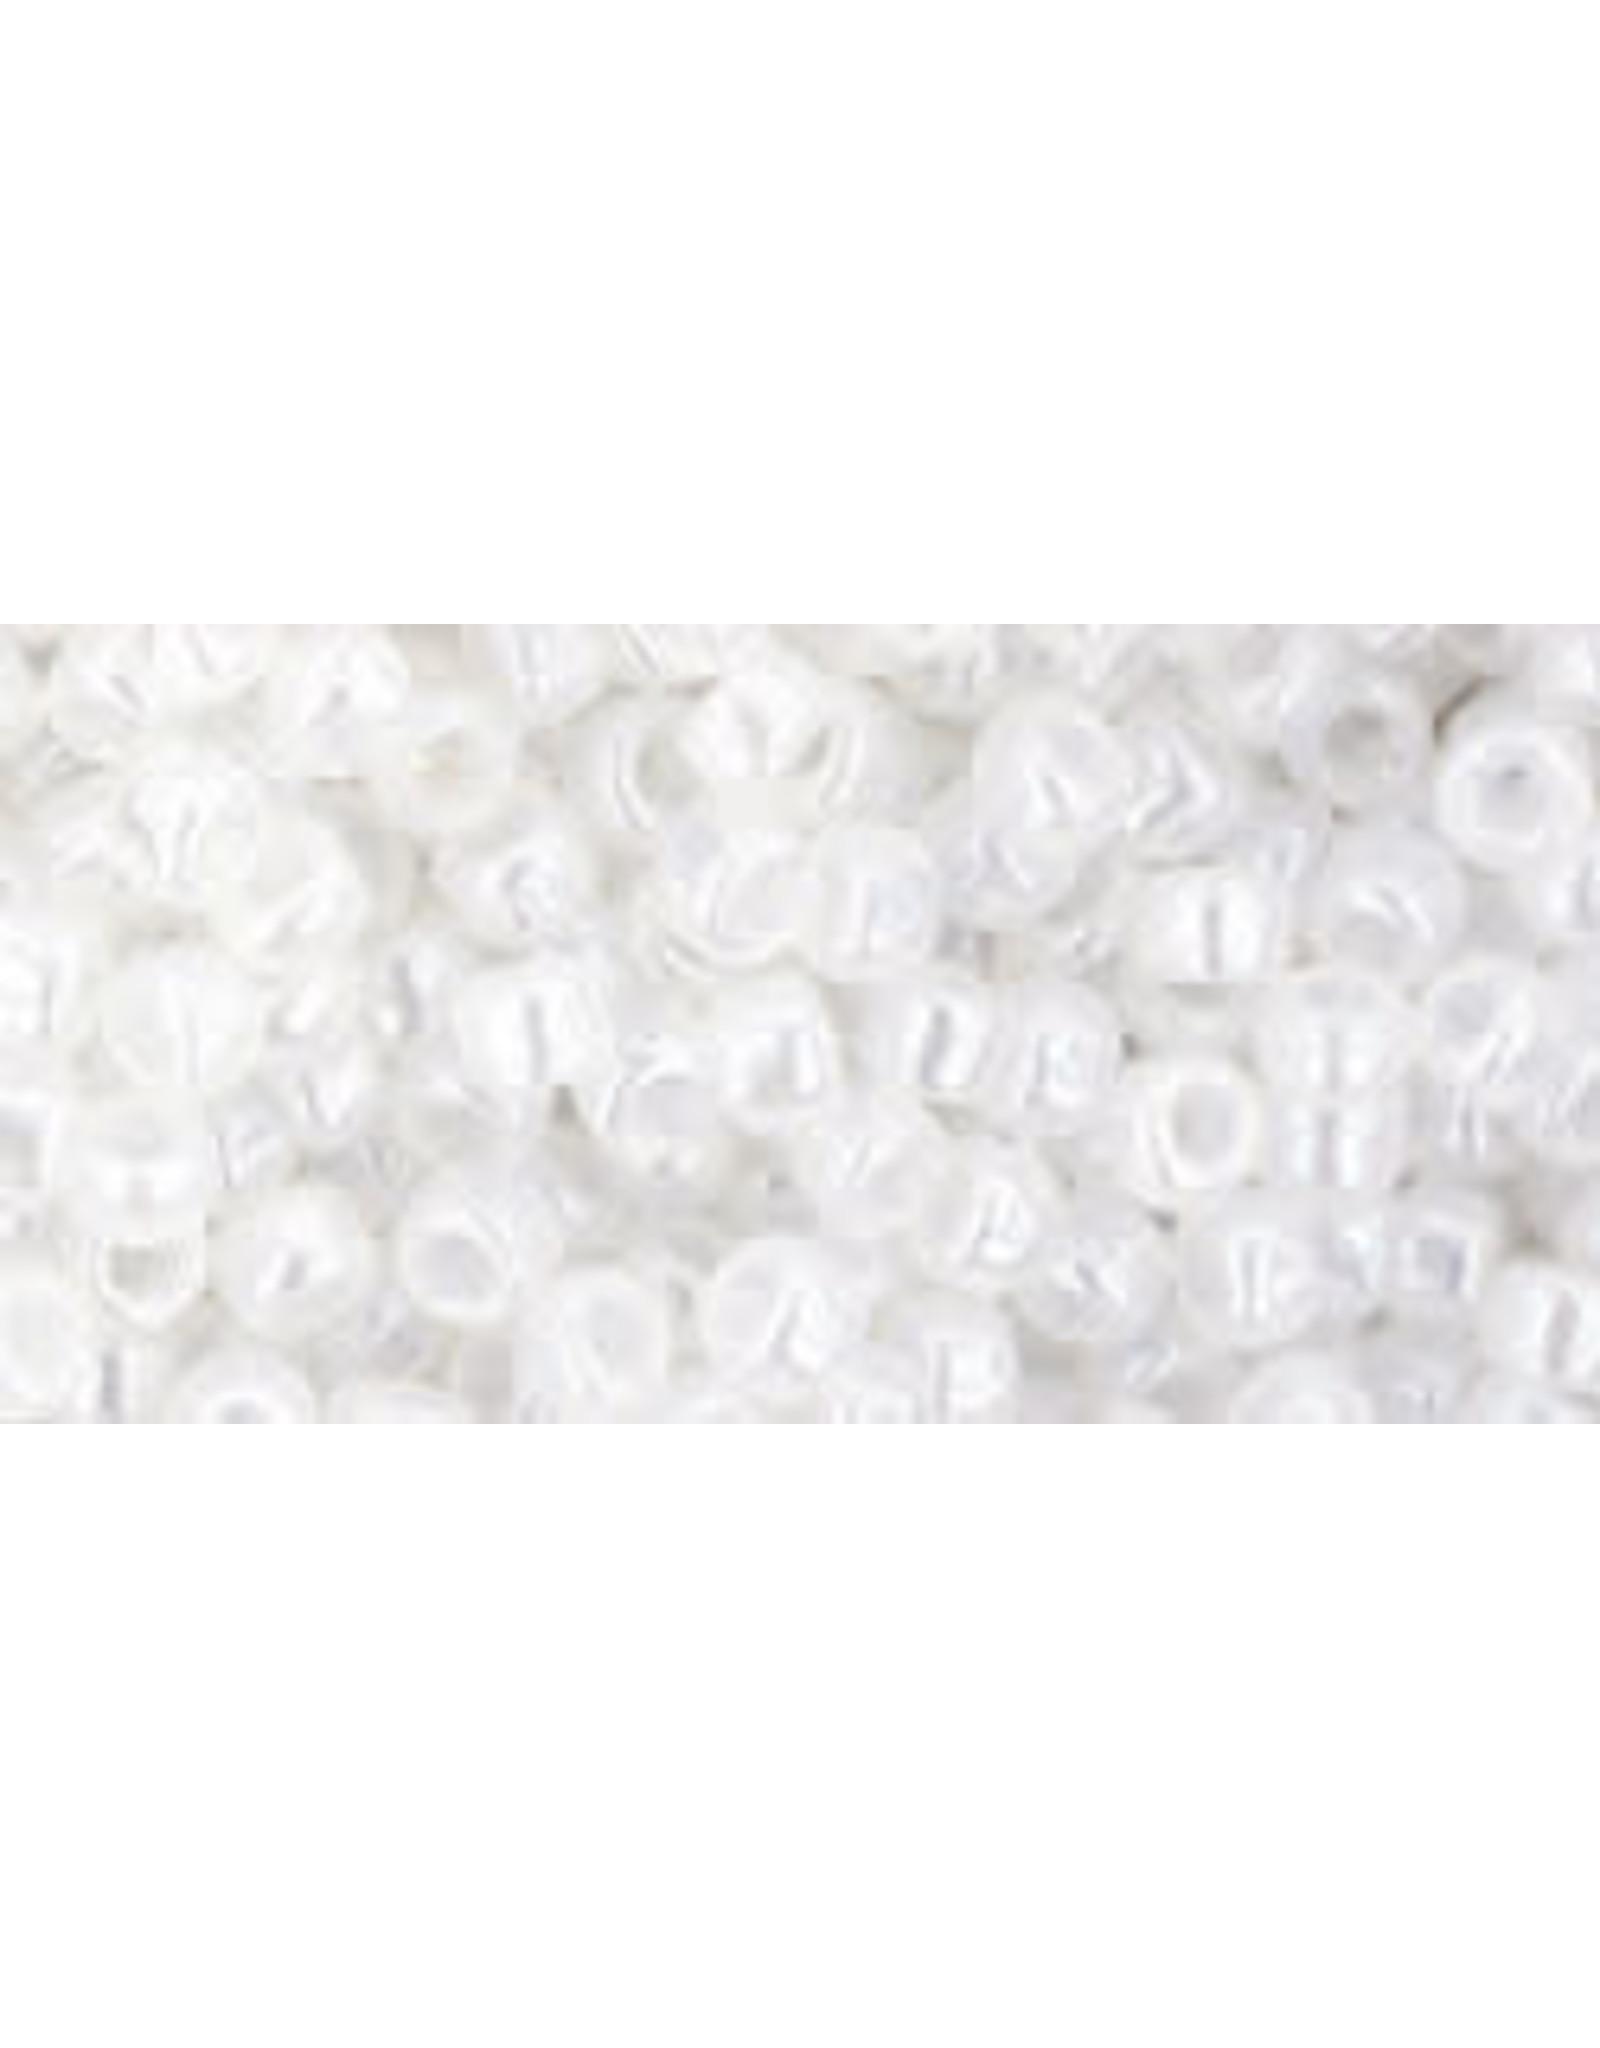 Toho 141  8  Round 6g Ceylon Snowflake White